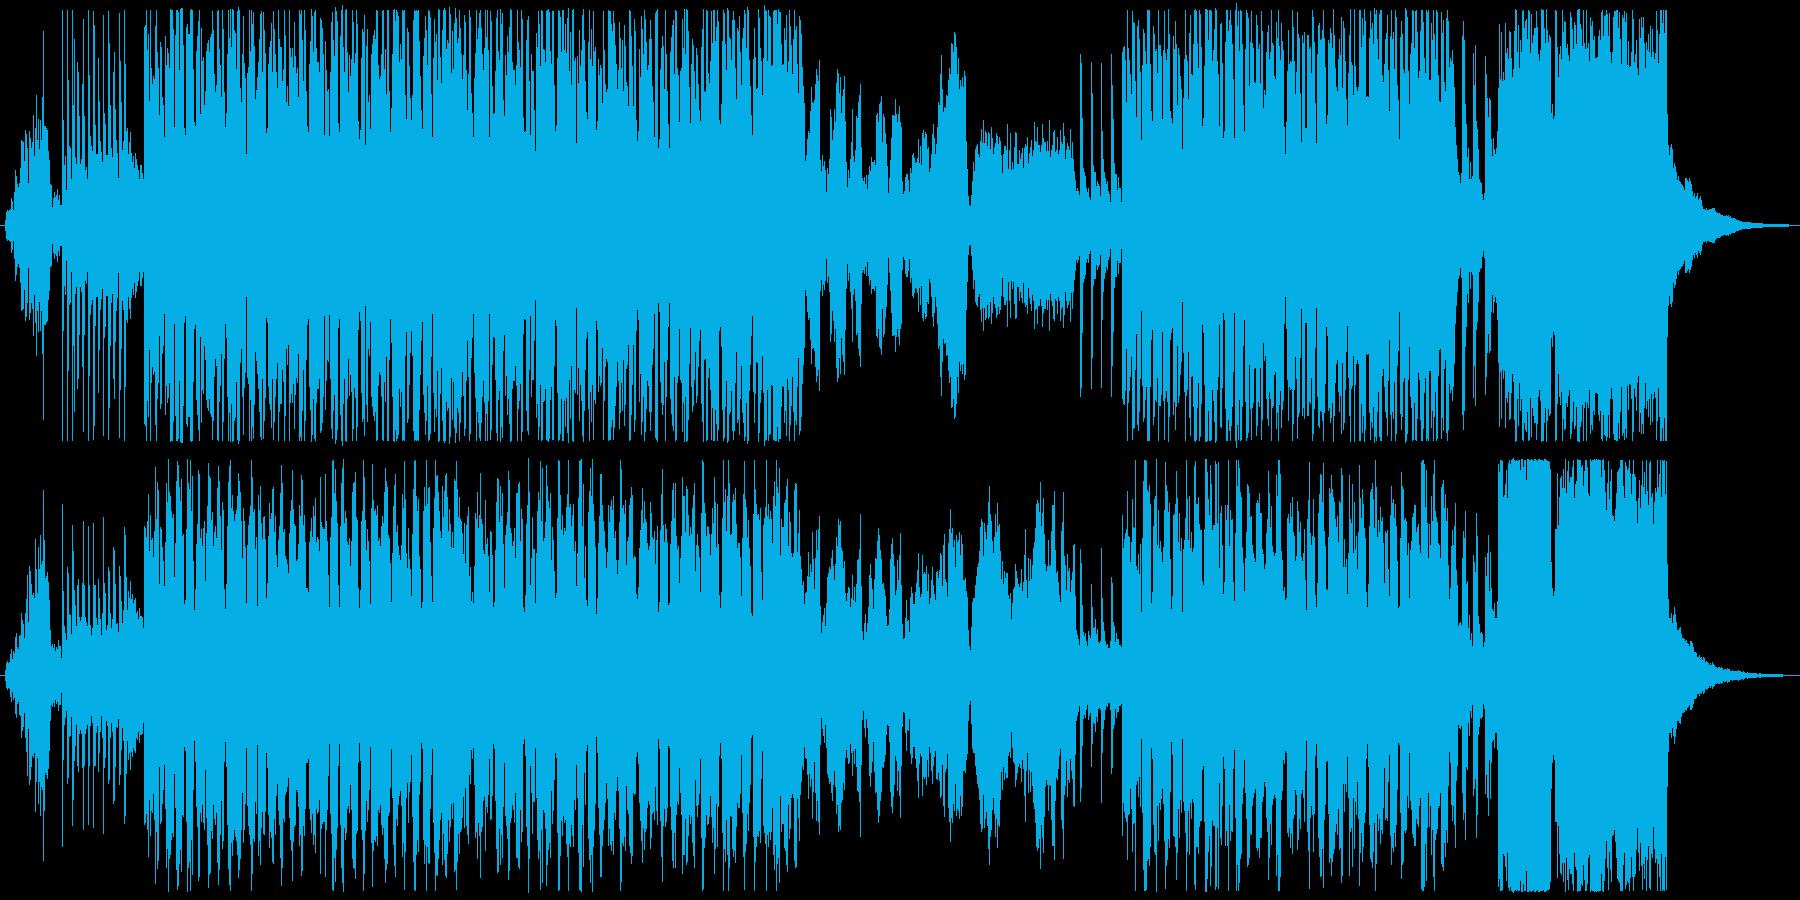 スターウォーズ風の勇壮で迫力あるオケ曲の再生済みの波形